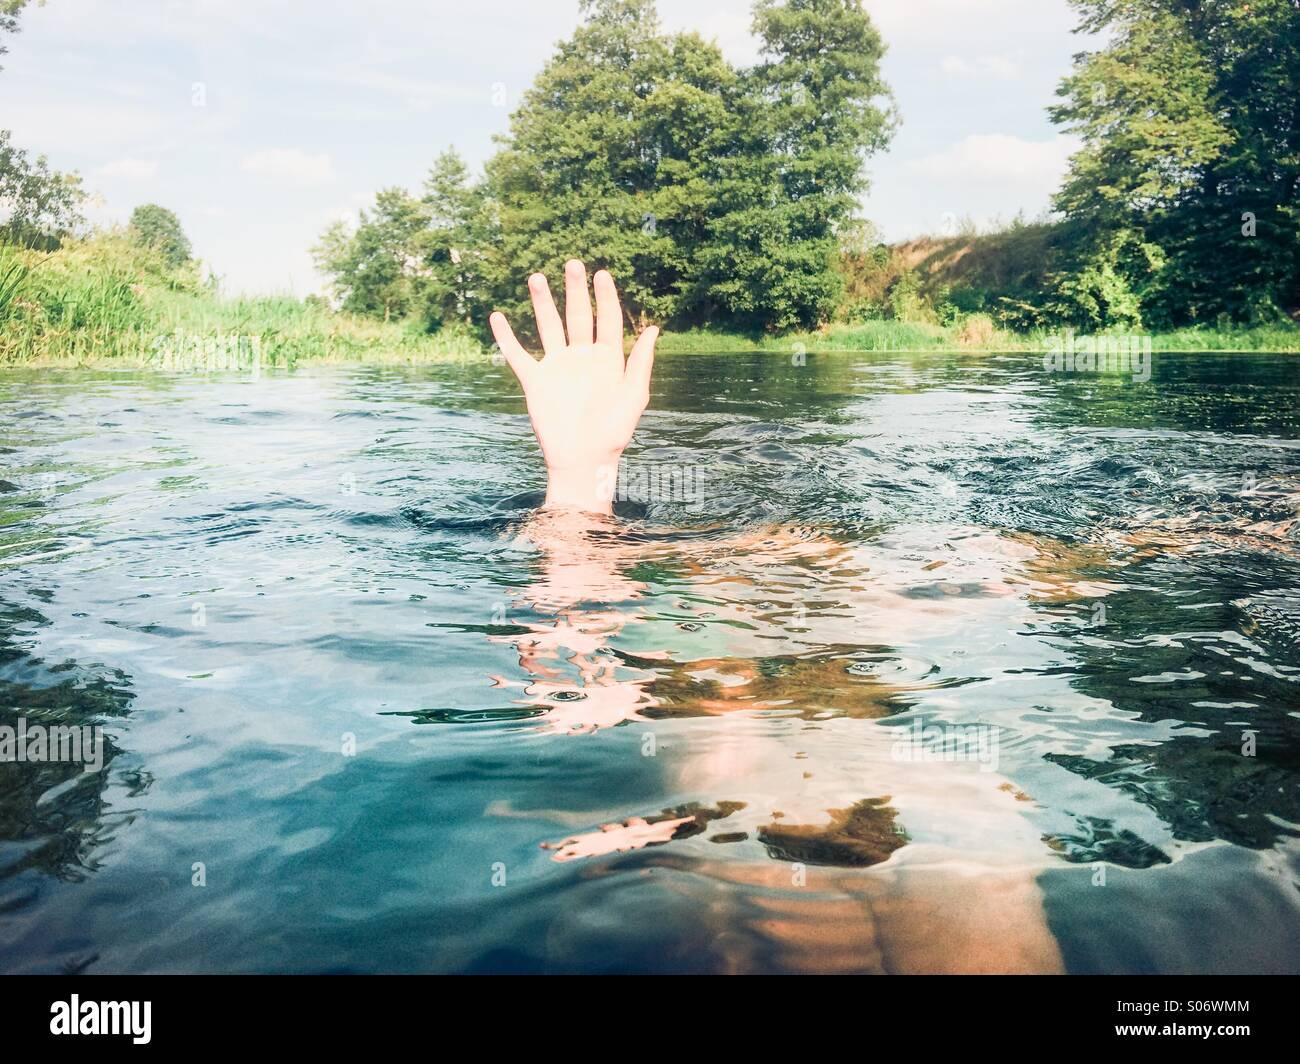 Garçon immergé dans un fleuve en gardant sa main au-dessus de l'eau Banque D'Images